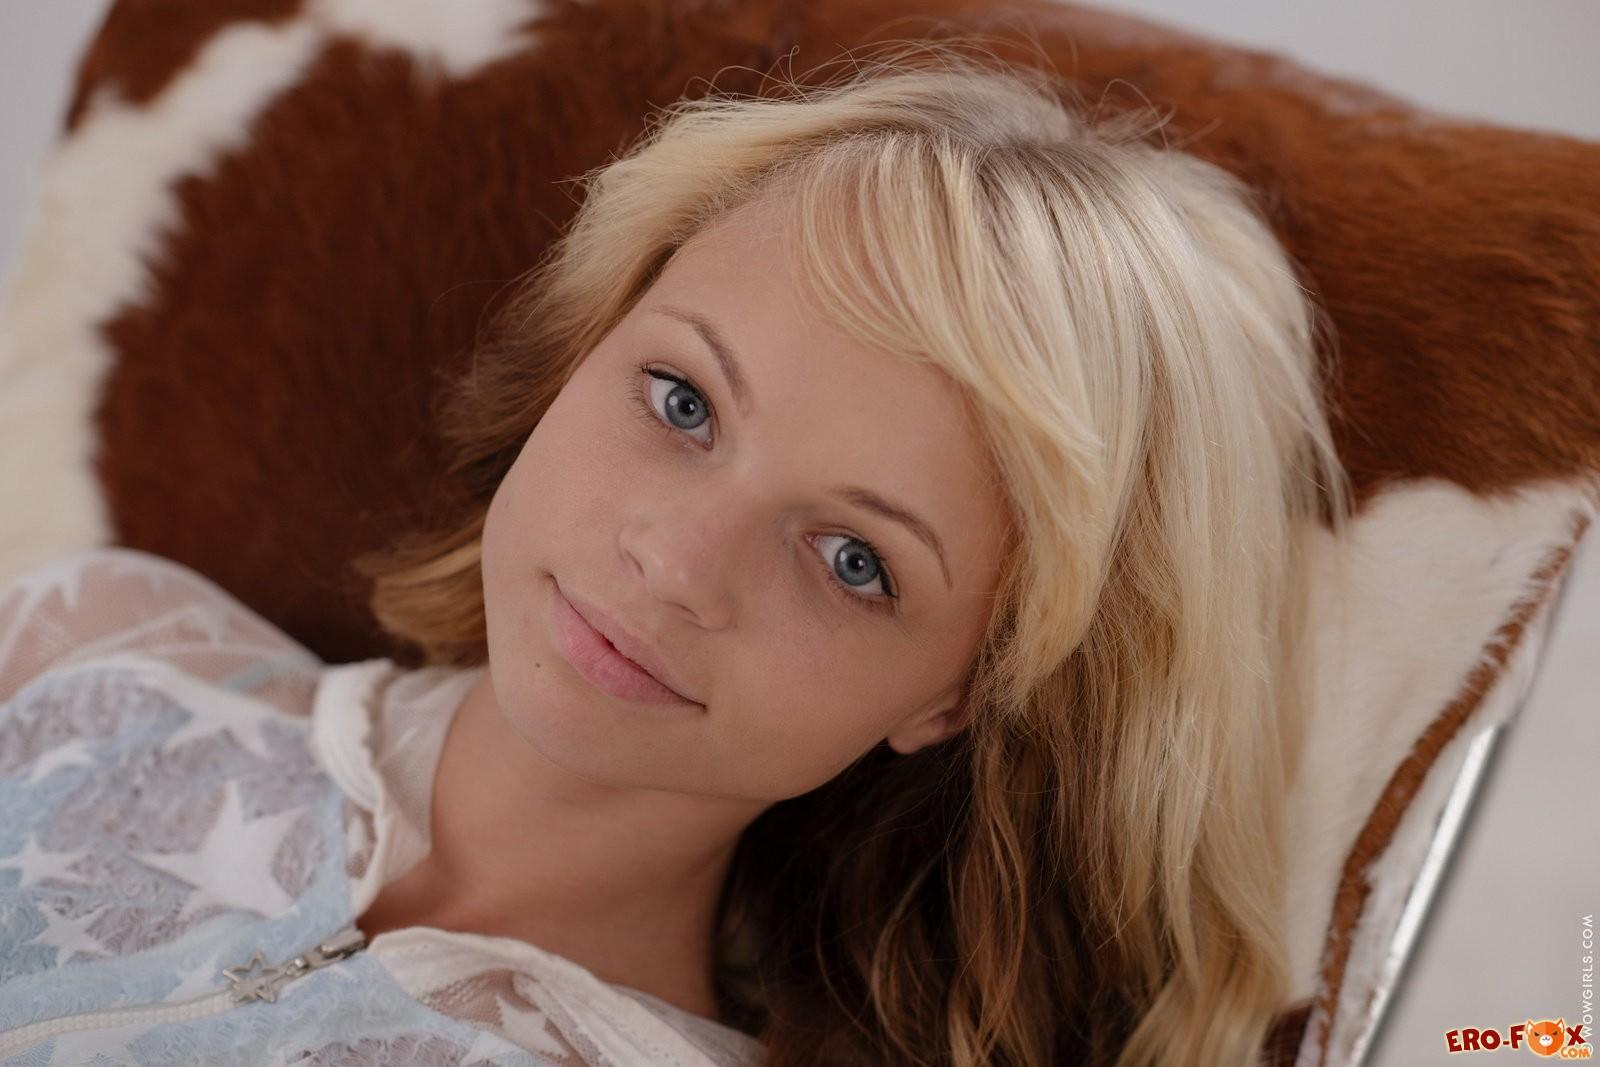 Молодая девушка снимает колготки без трусиков .